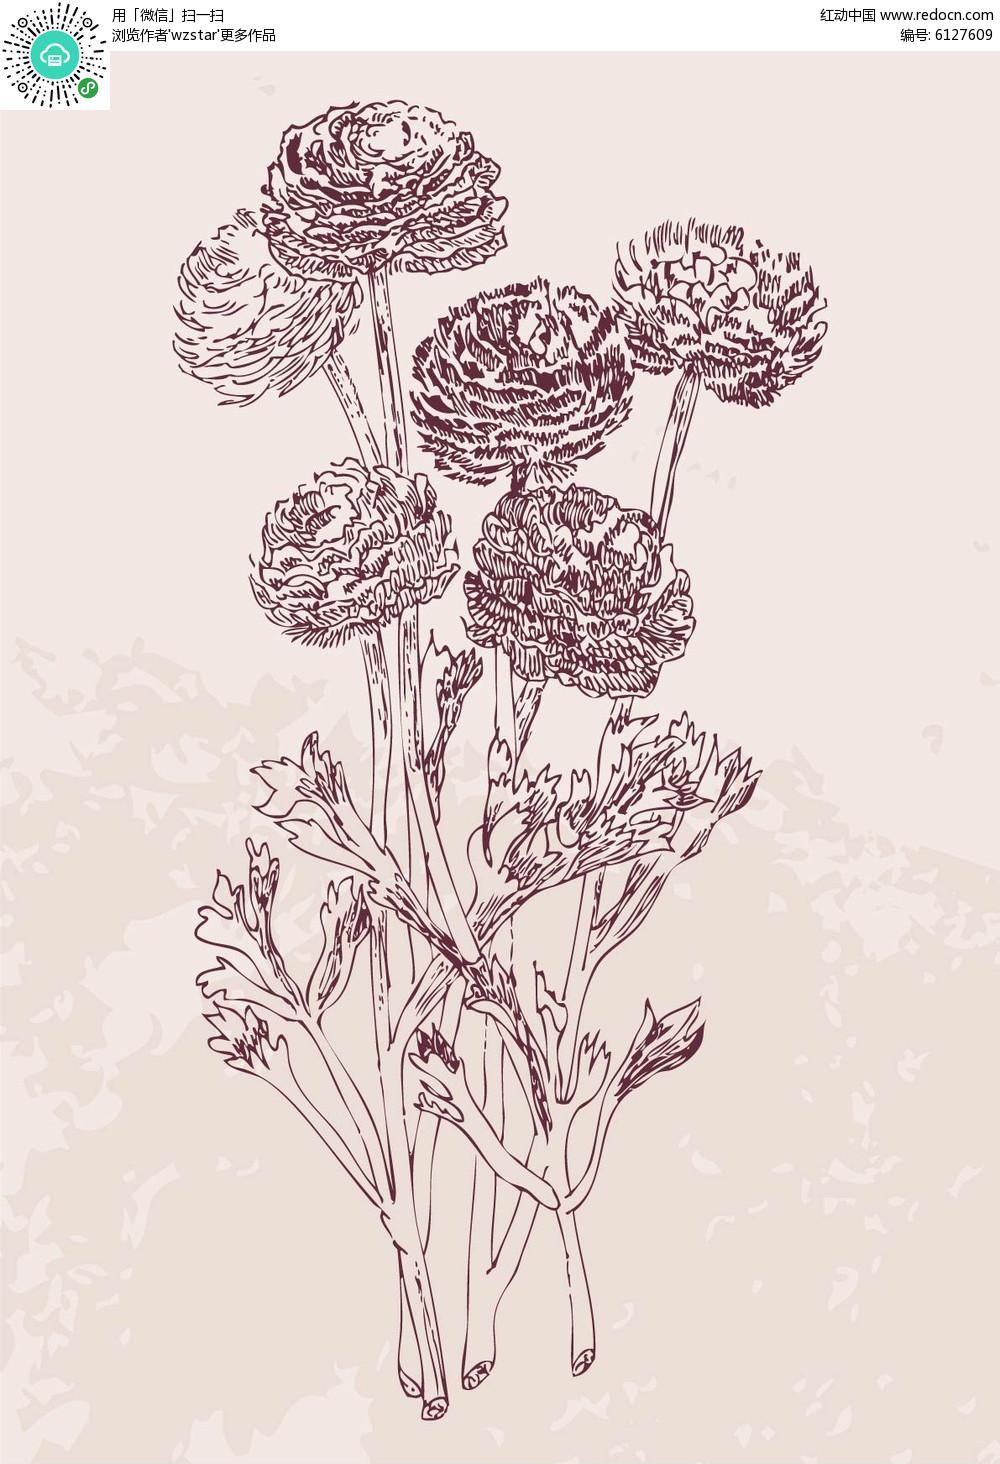 手绘线描花朵素材矢量EPS免费下载 编号6127609 红动网图片